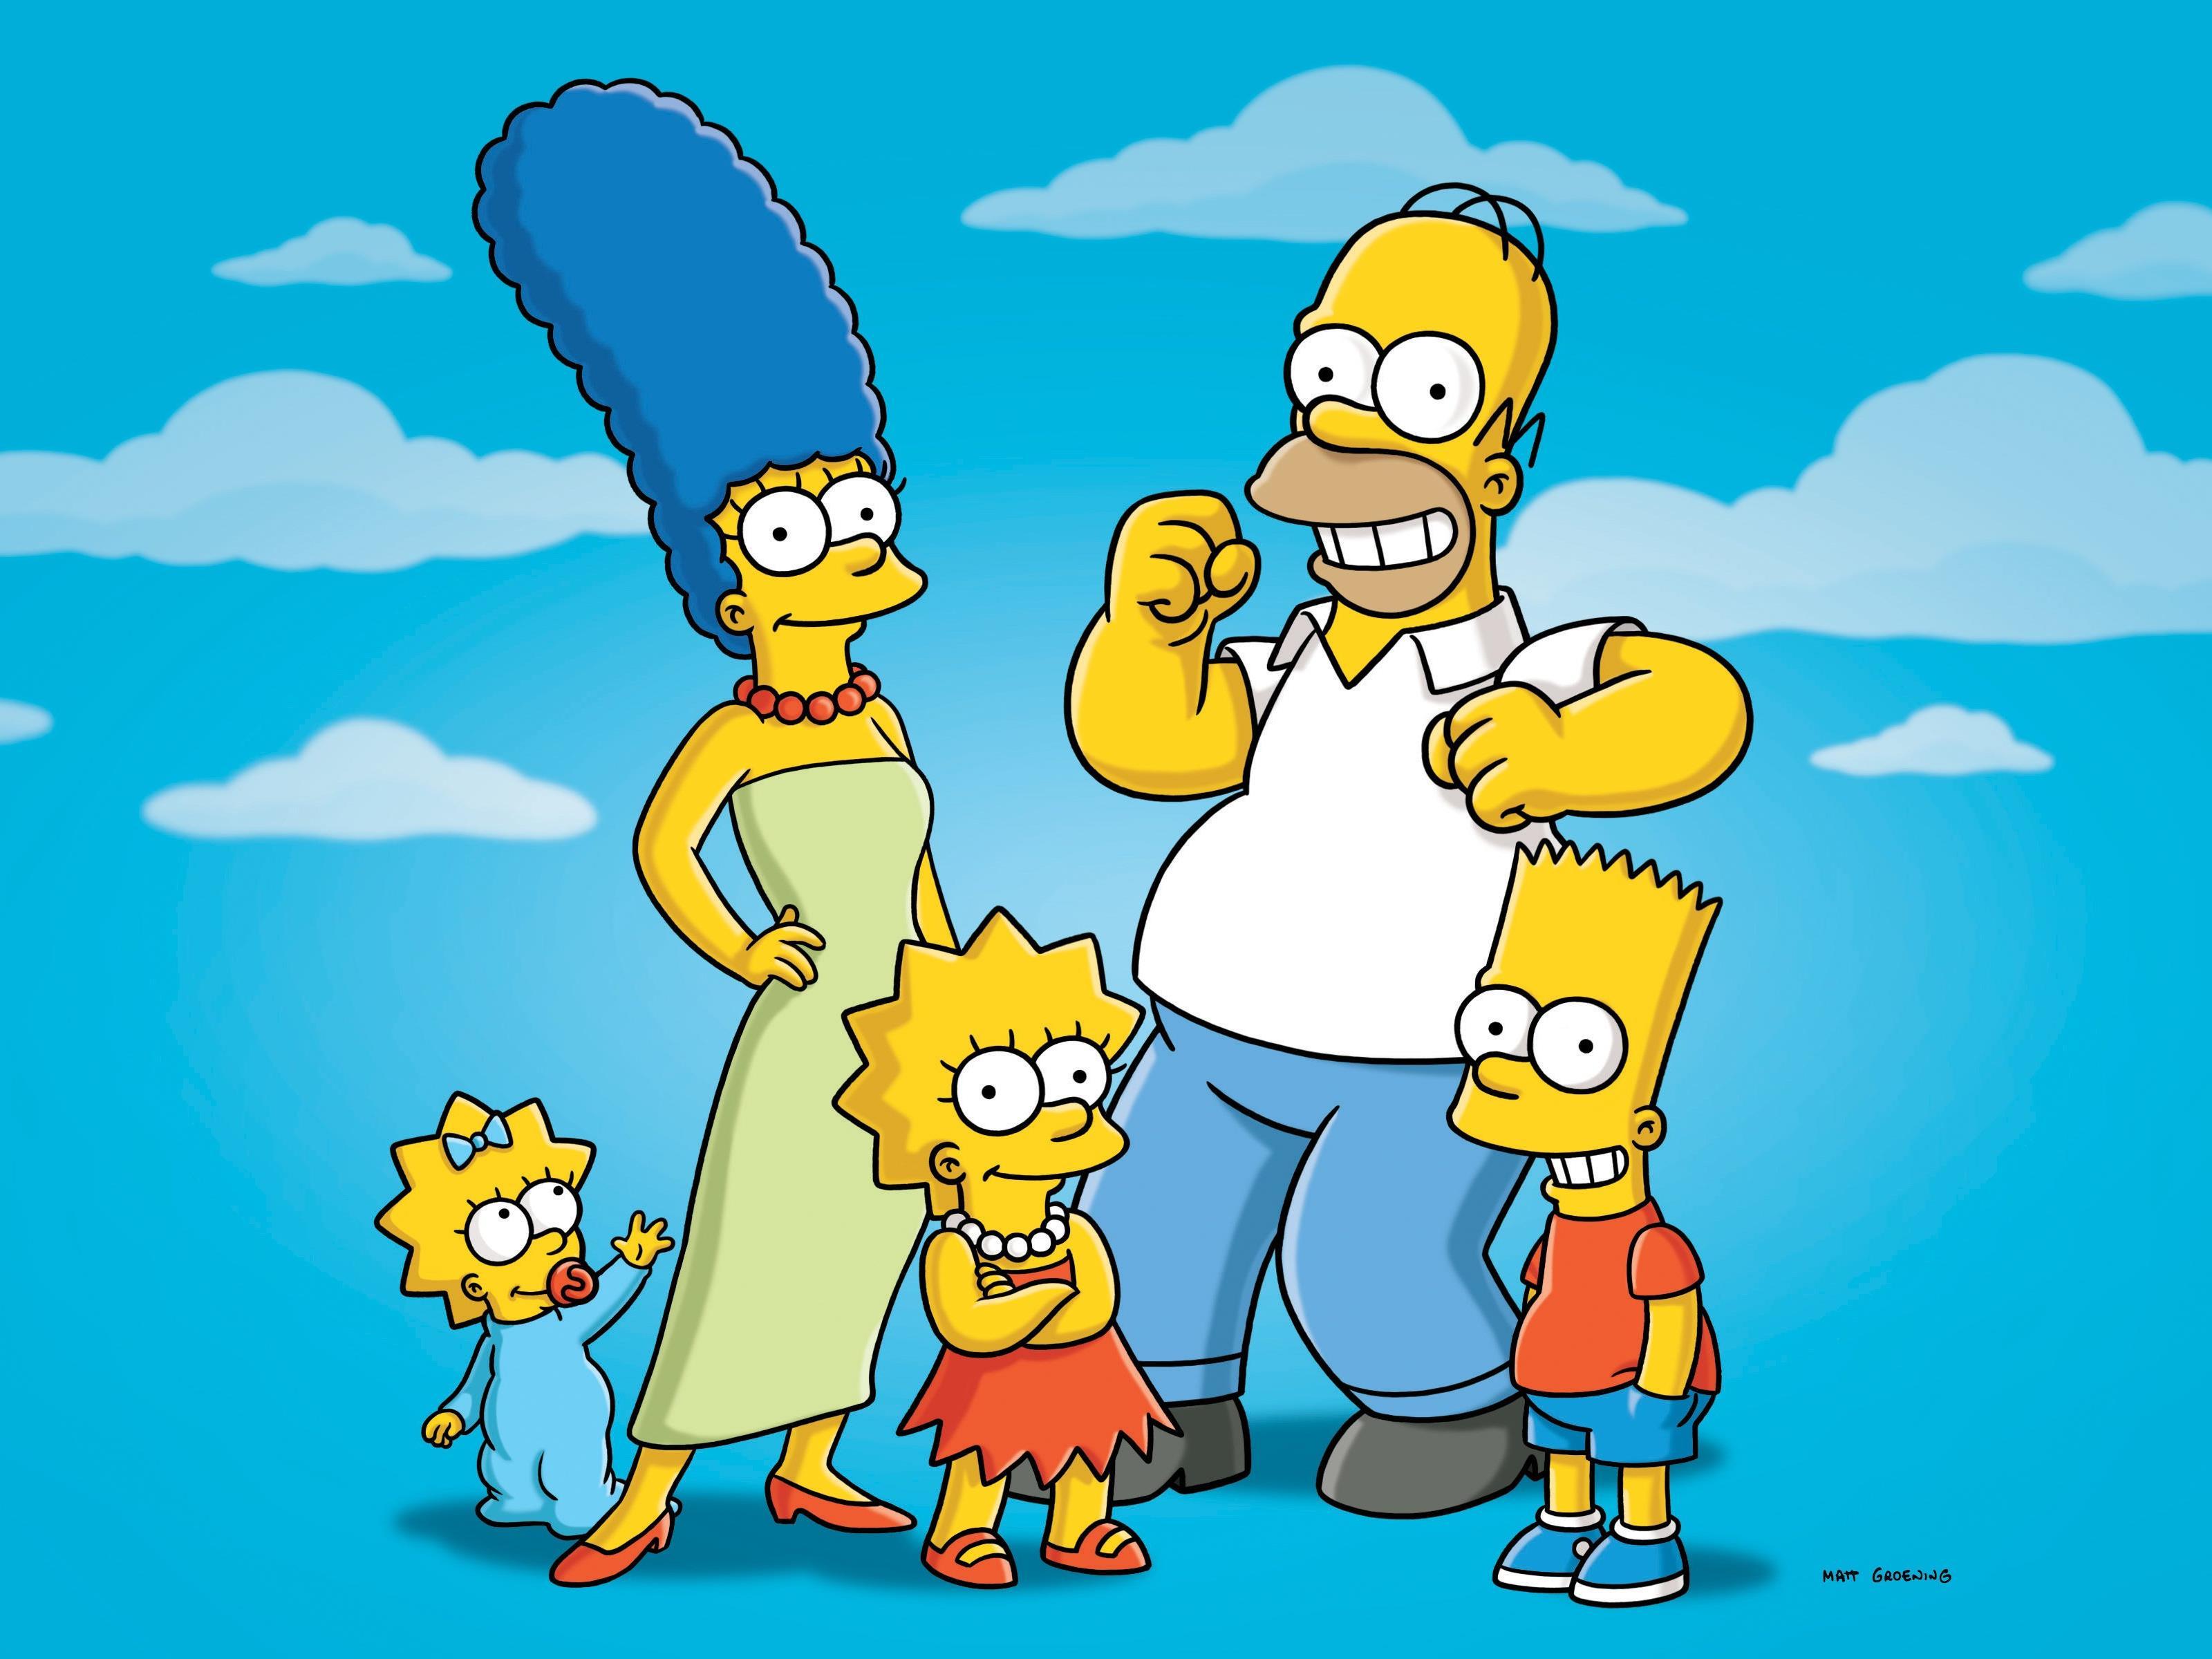 Die Simpsons prophezeiten schon 2000 die Wahl-Sieg von Donald Trump.